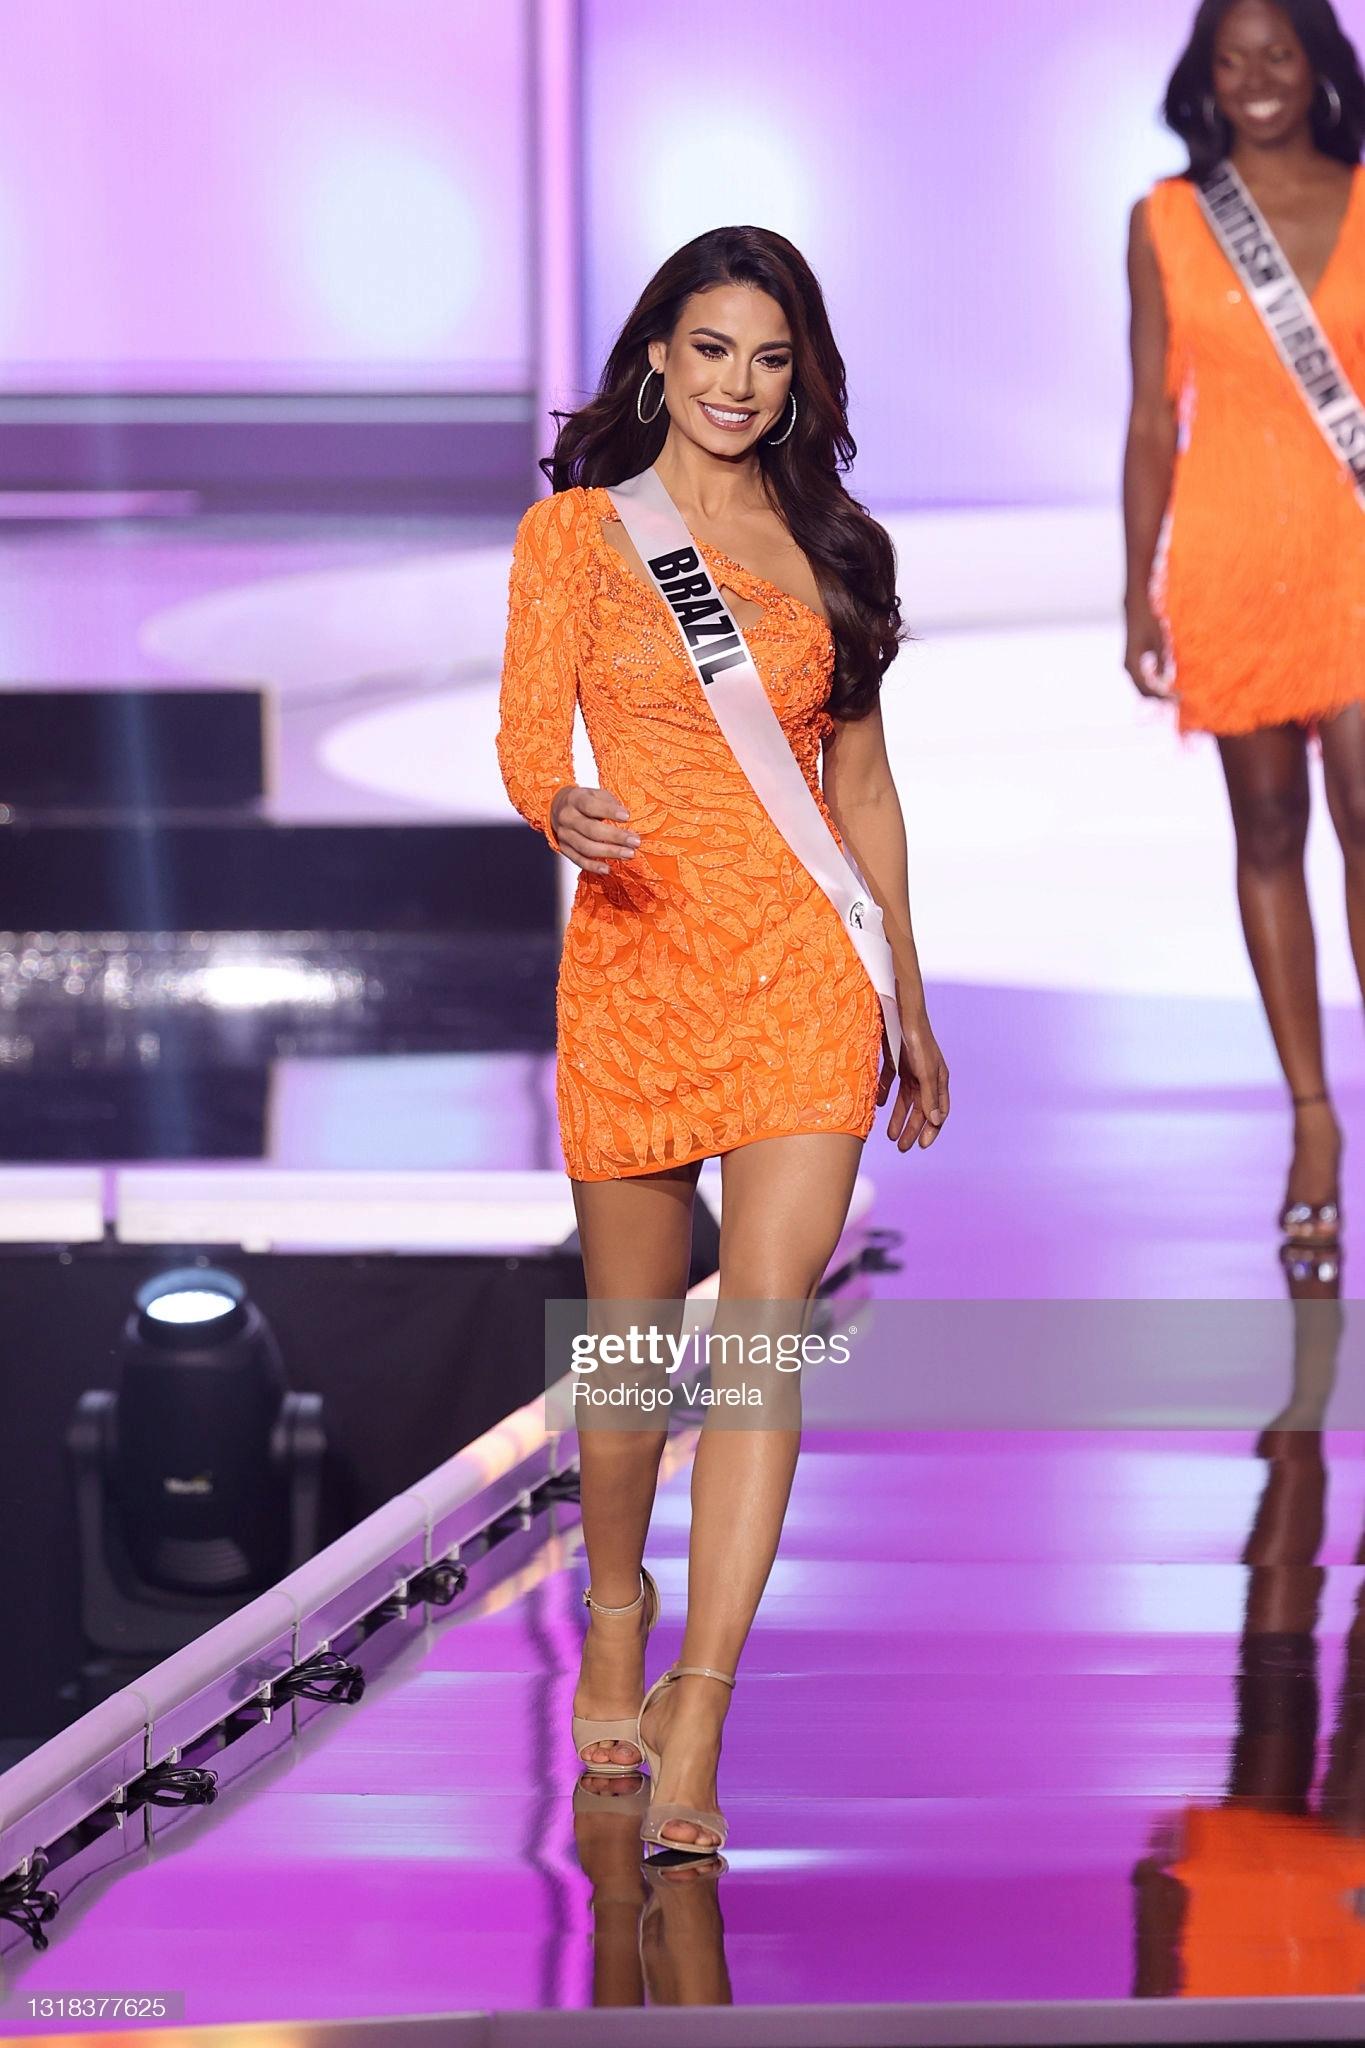 julia gama, 1st runner-up de miss universe 2020/top 11 de miss world 2014. part II. - Página 43 20877711